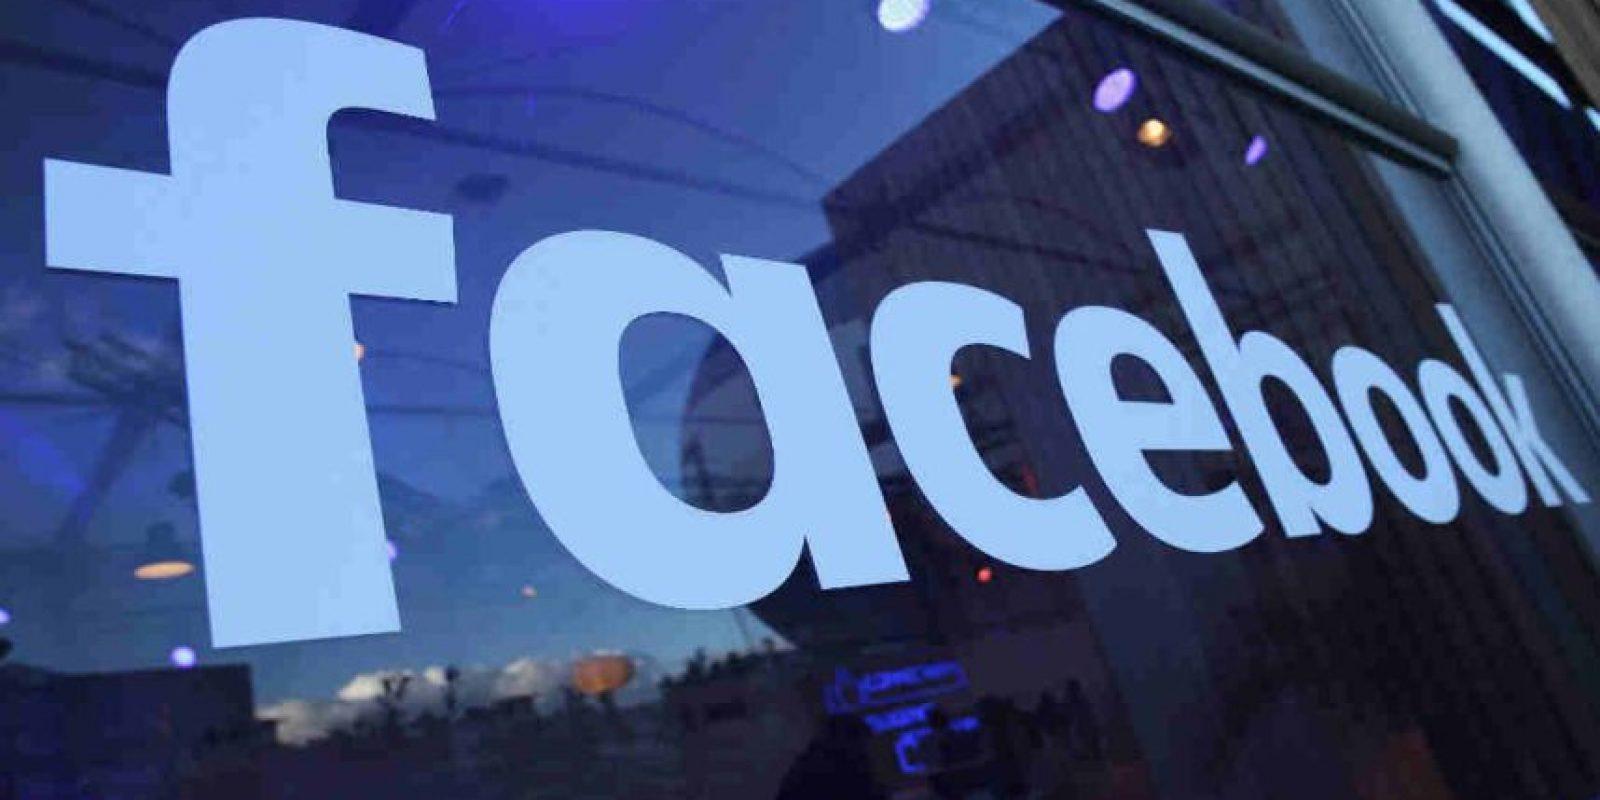 Es impulsado gracias a la inteligencia artificial de Facebook. Foto:Getty Images. Imagen Por: